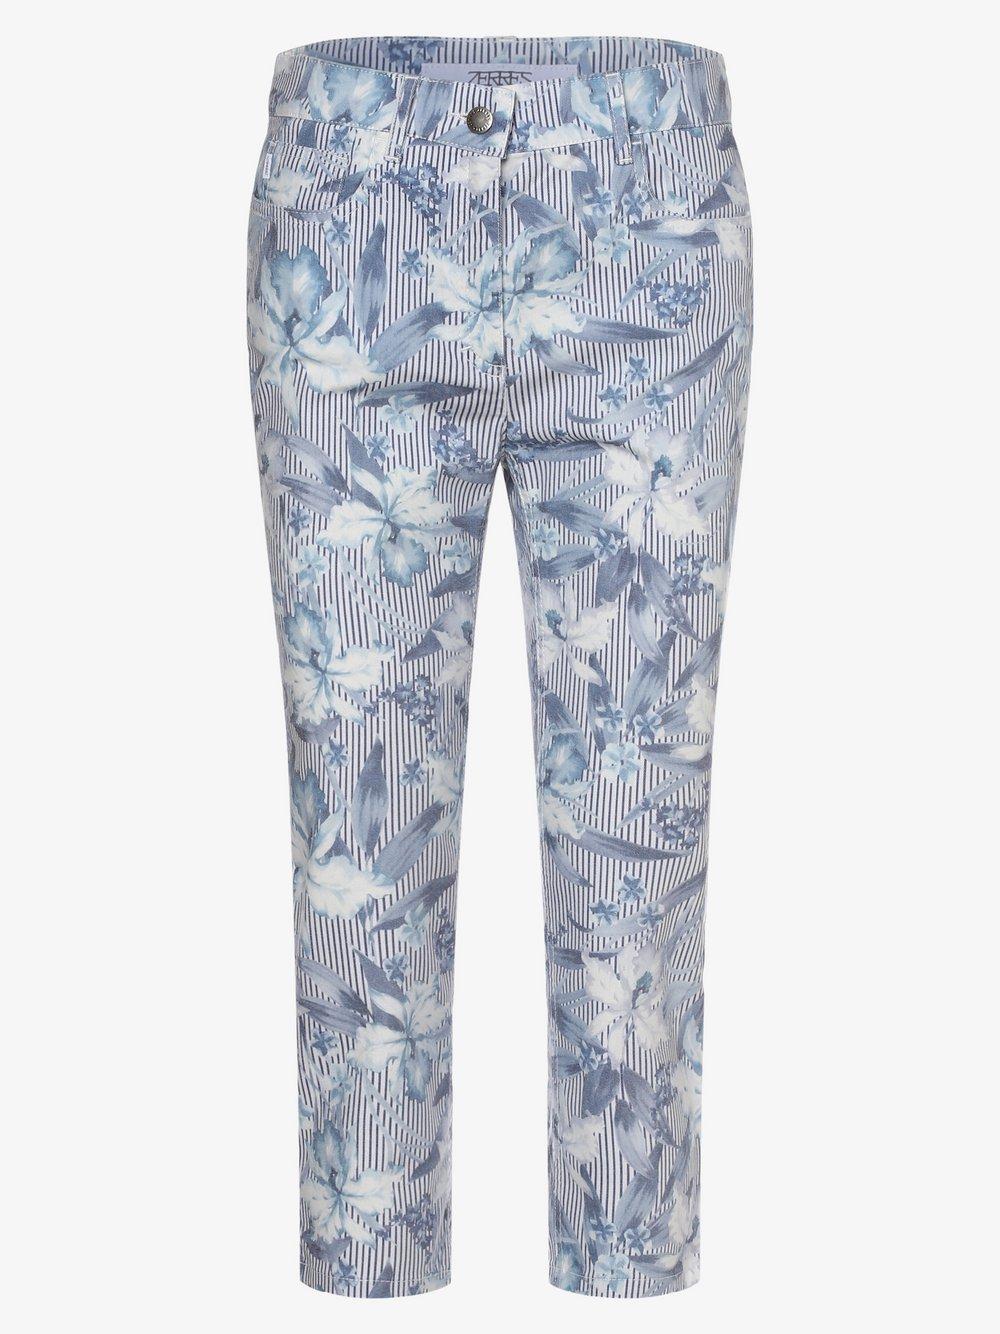 Zerres – Spodnie damskie – Cora, niebieski Van Graaf 475078-0001-00420